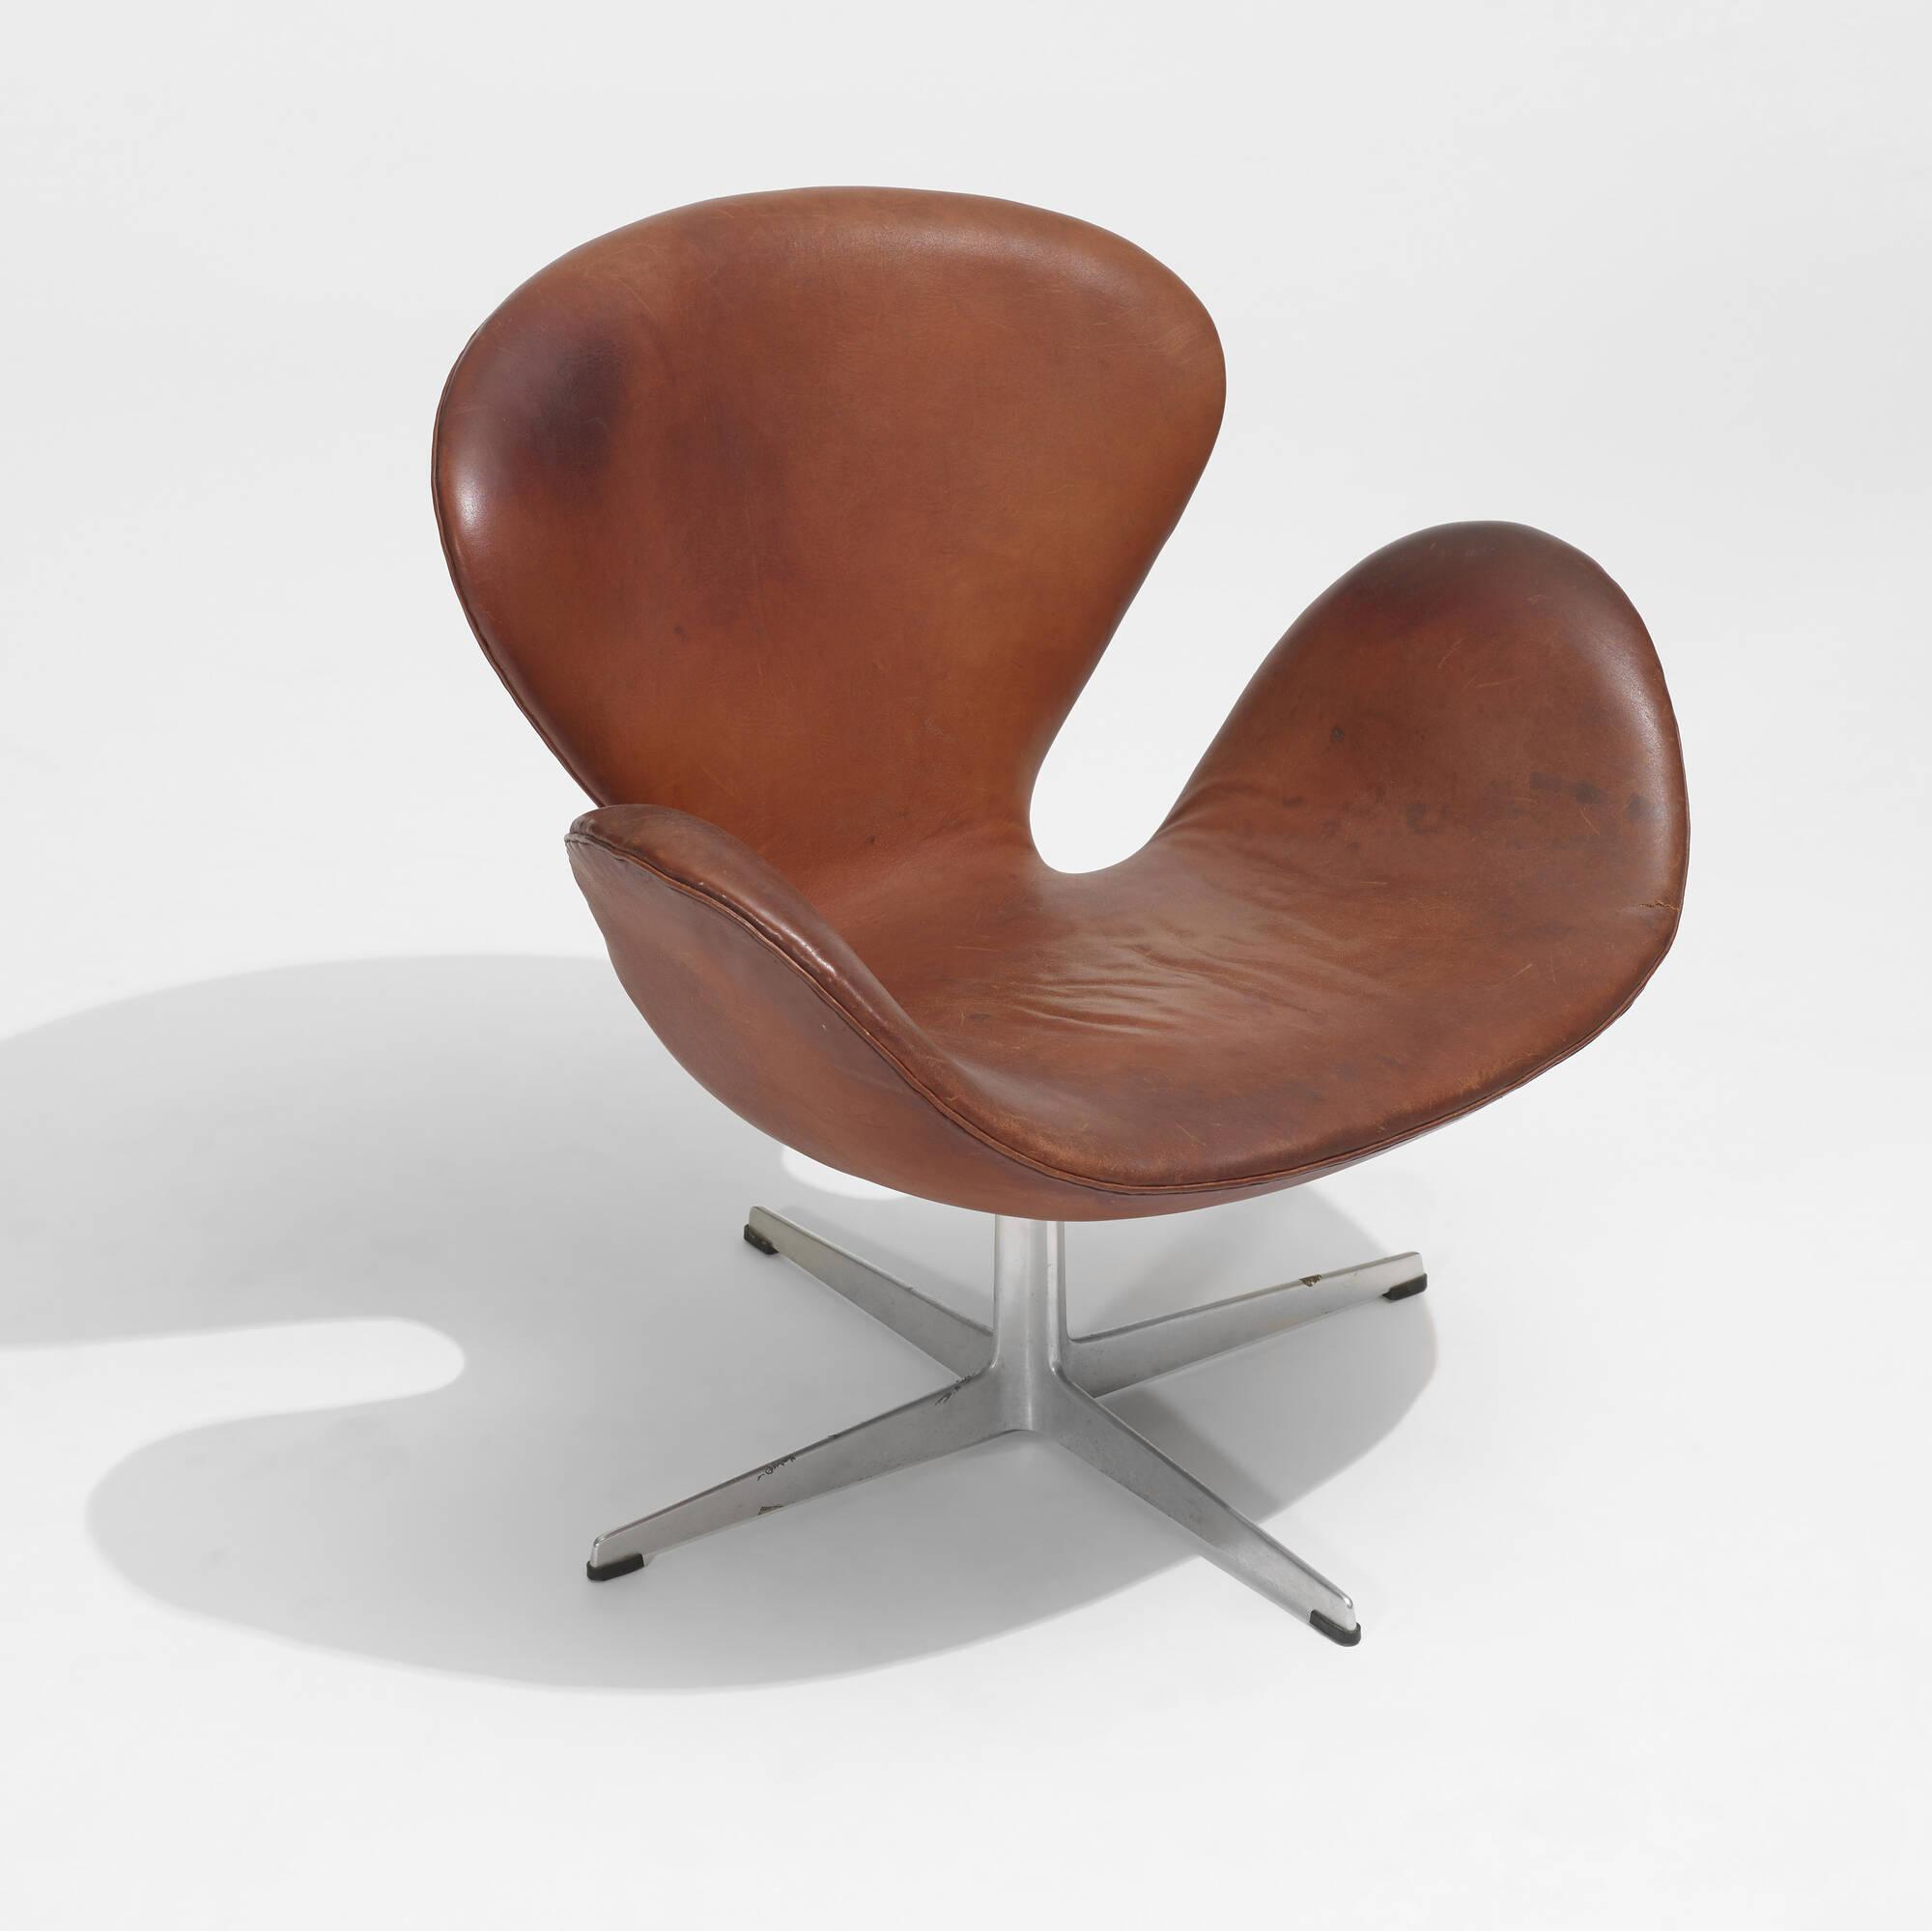 Swan chair jacobsen - 103